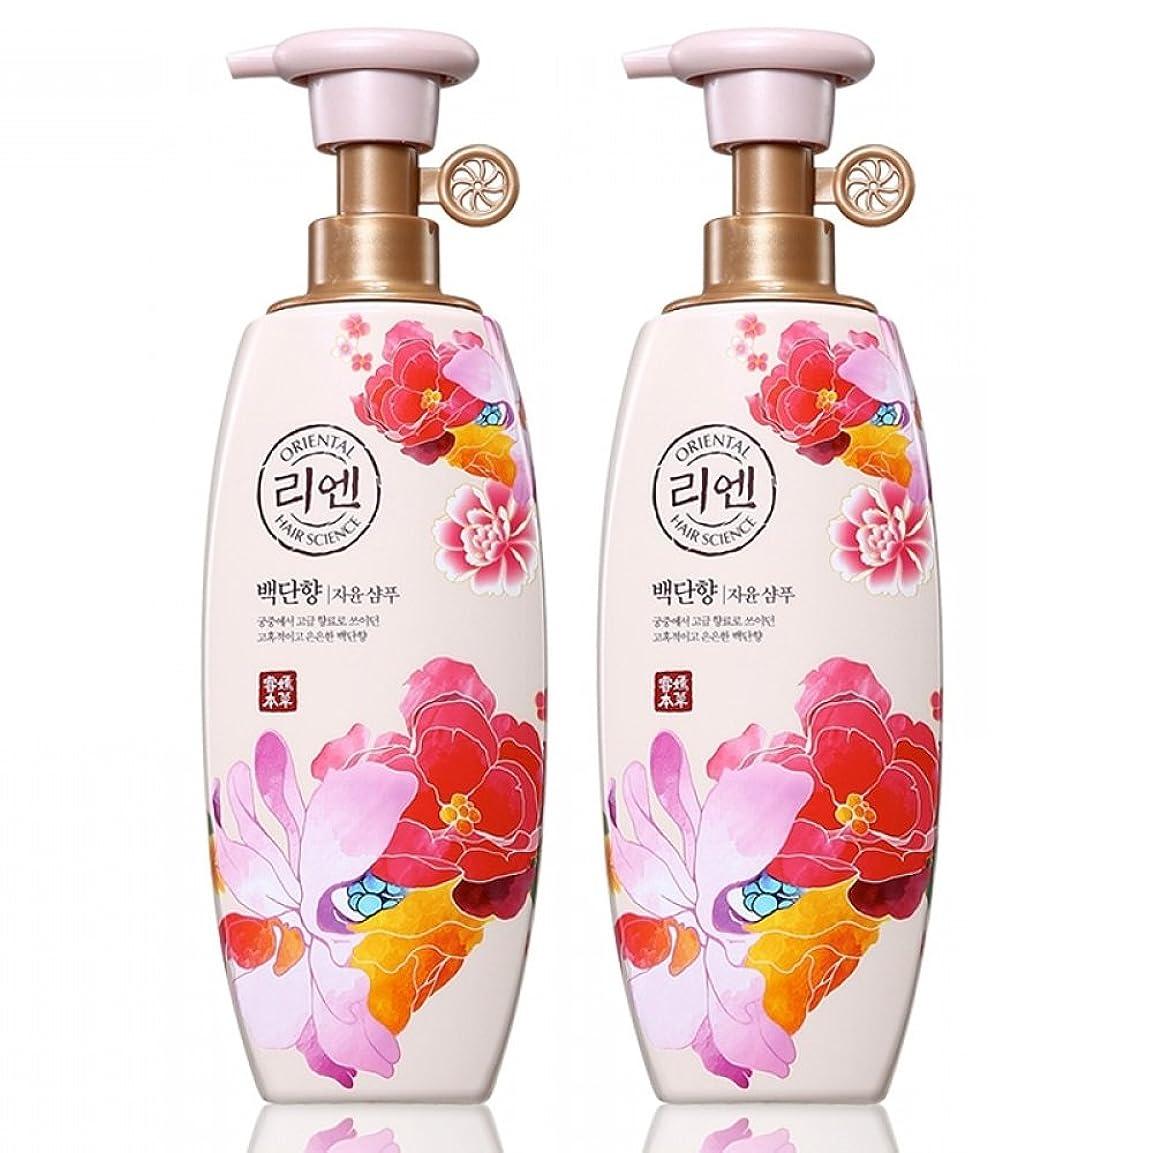 信頼性のある機関未使用(ReEn)リエン ビャクダンシャンプー( Baekdanhyang Shampoo) 500ml x 2本 [並行輸入品]